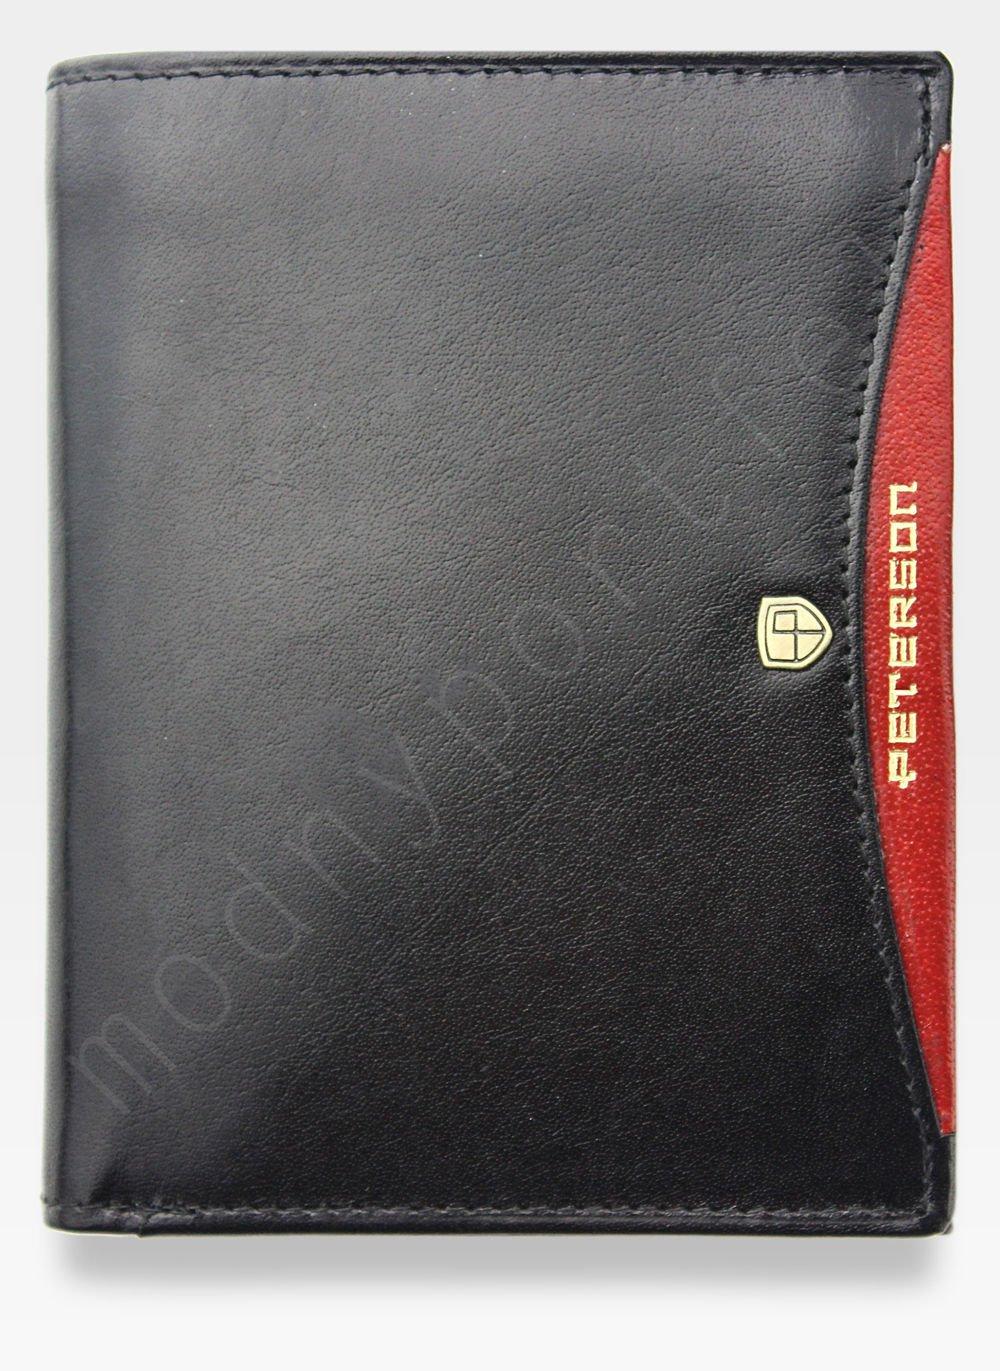 77696c3515ebf Portfel Męski Peterson Skórzany Czarny + Czerwony 302 SLIM Cienki Kliknij,  aby powiększyć ...